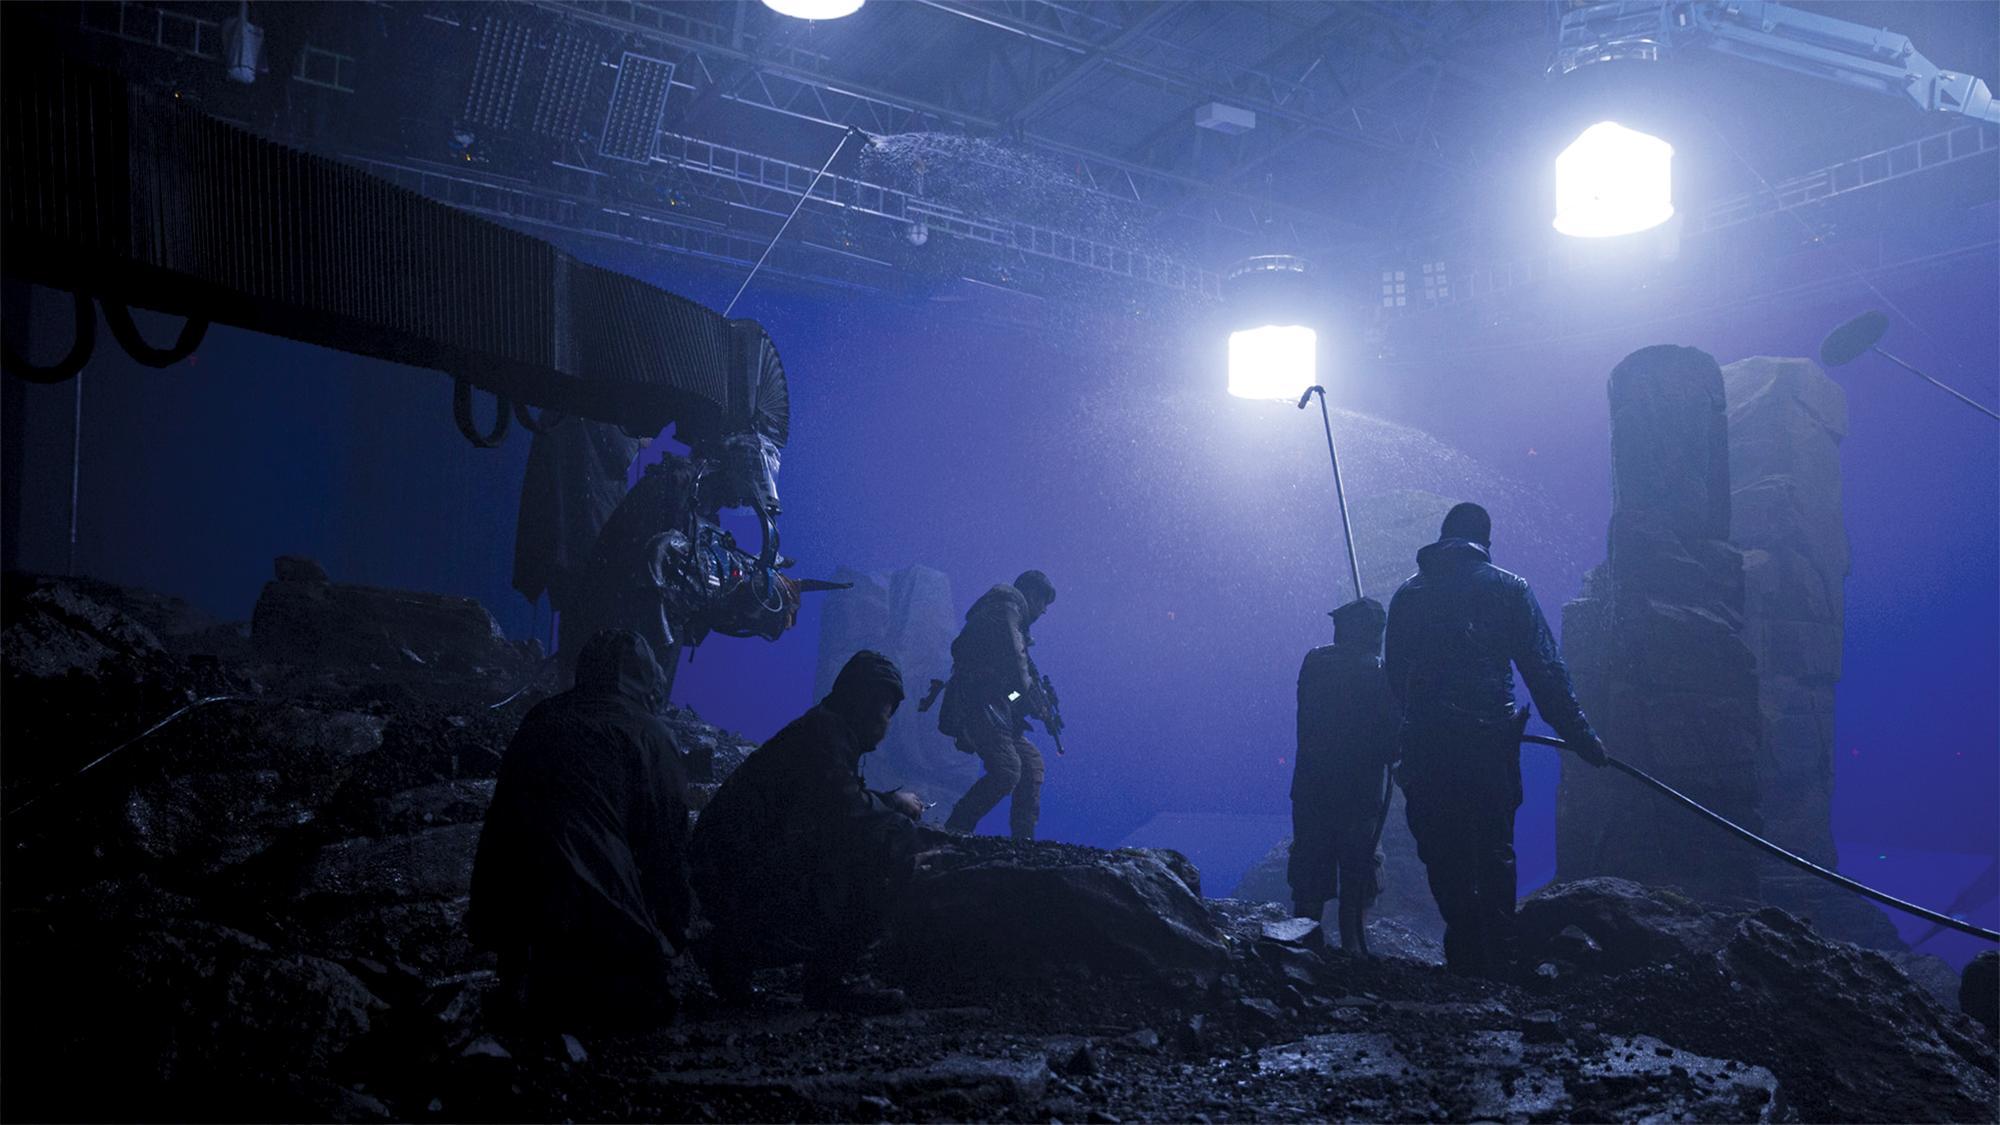 Lighting on <em>Rogue One: A Star Wars Story</em>